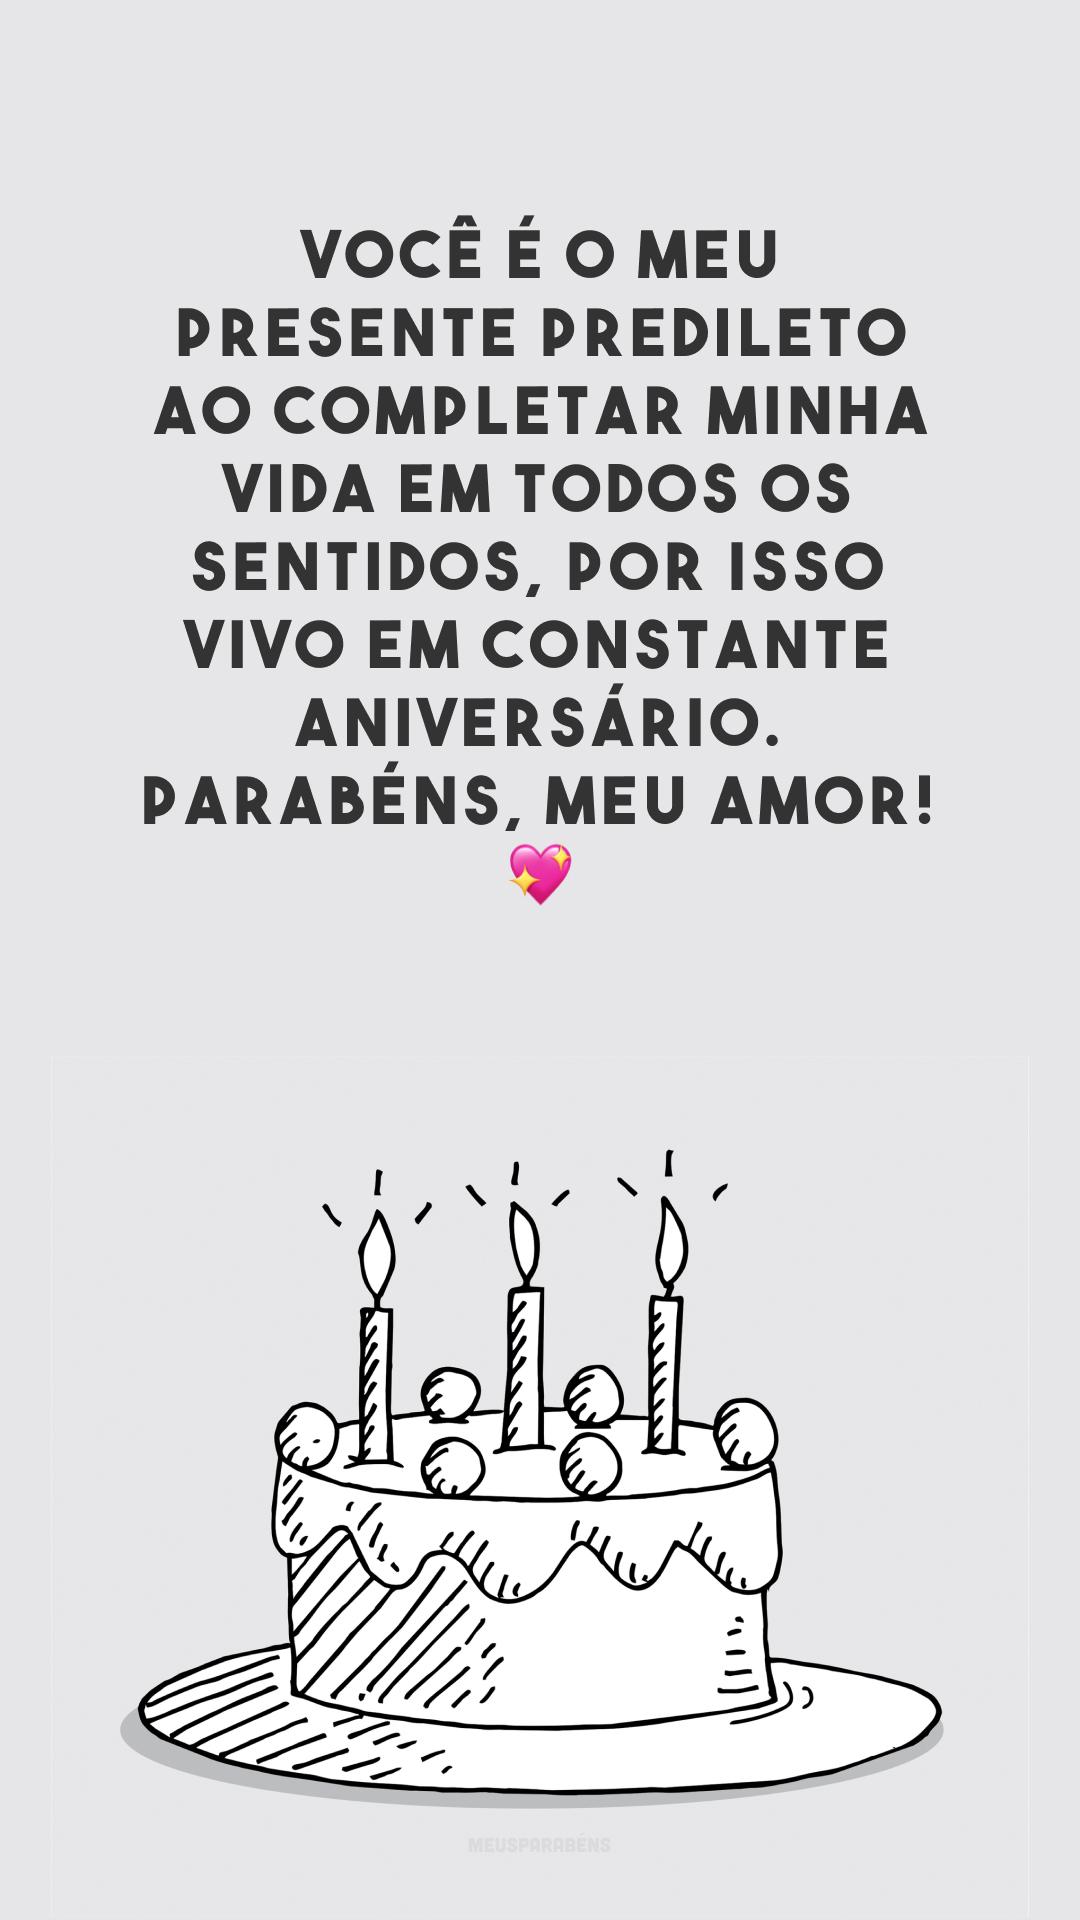 Você é o meu presente predileto ao completar minha vida em todos os sentidos, por isso vivo em constante aniversário. Parabéns, meu amor! 💖